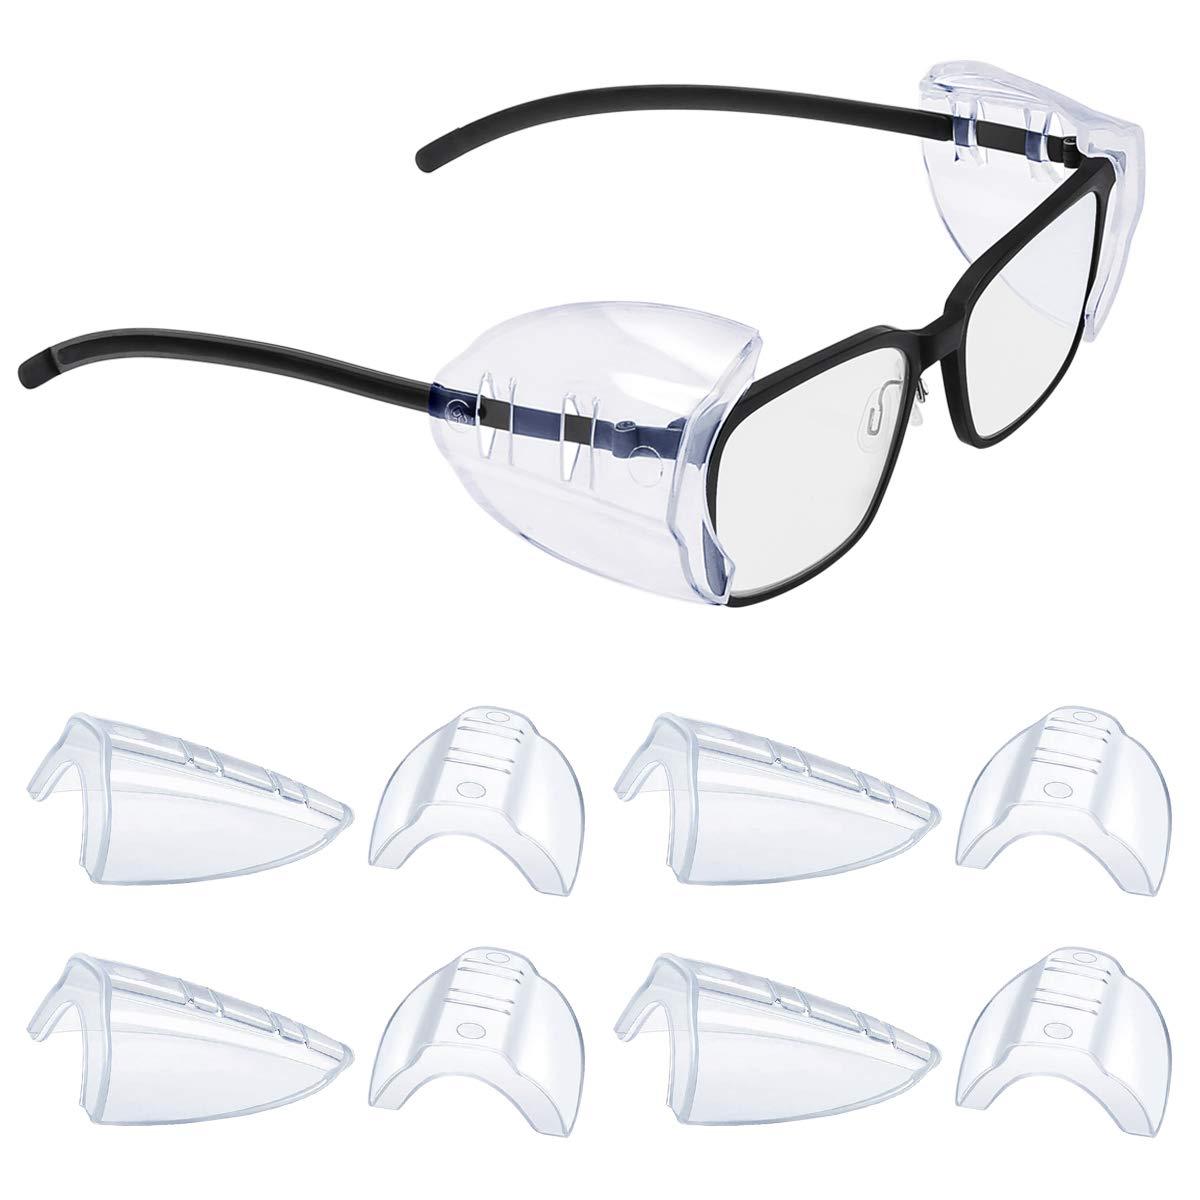 Transparente Protectores laterales, Universales Gafas Protección de seguridad Lateral Flexibles de Seguridad Protectores Laterales para Anteojos Pequeños a Medianos (6)